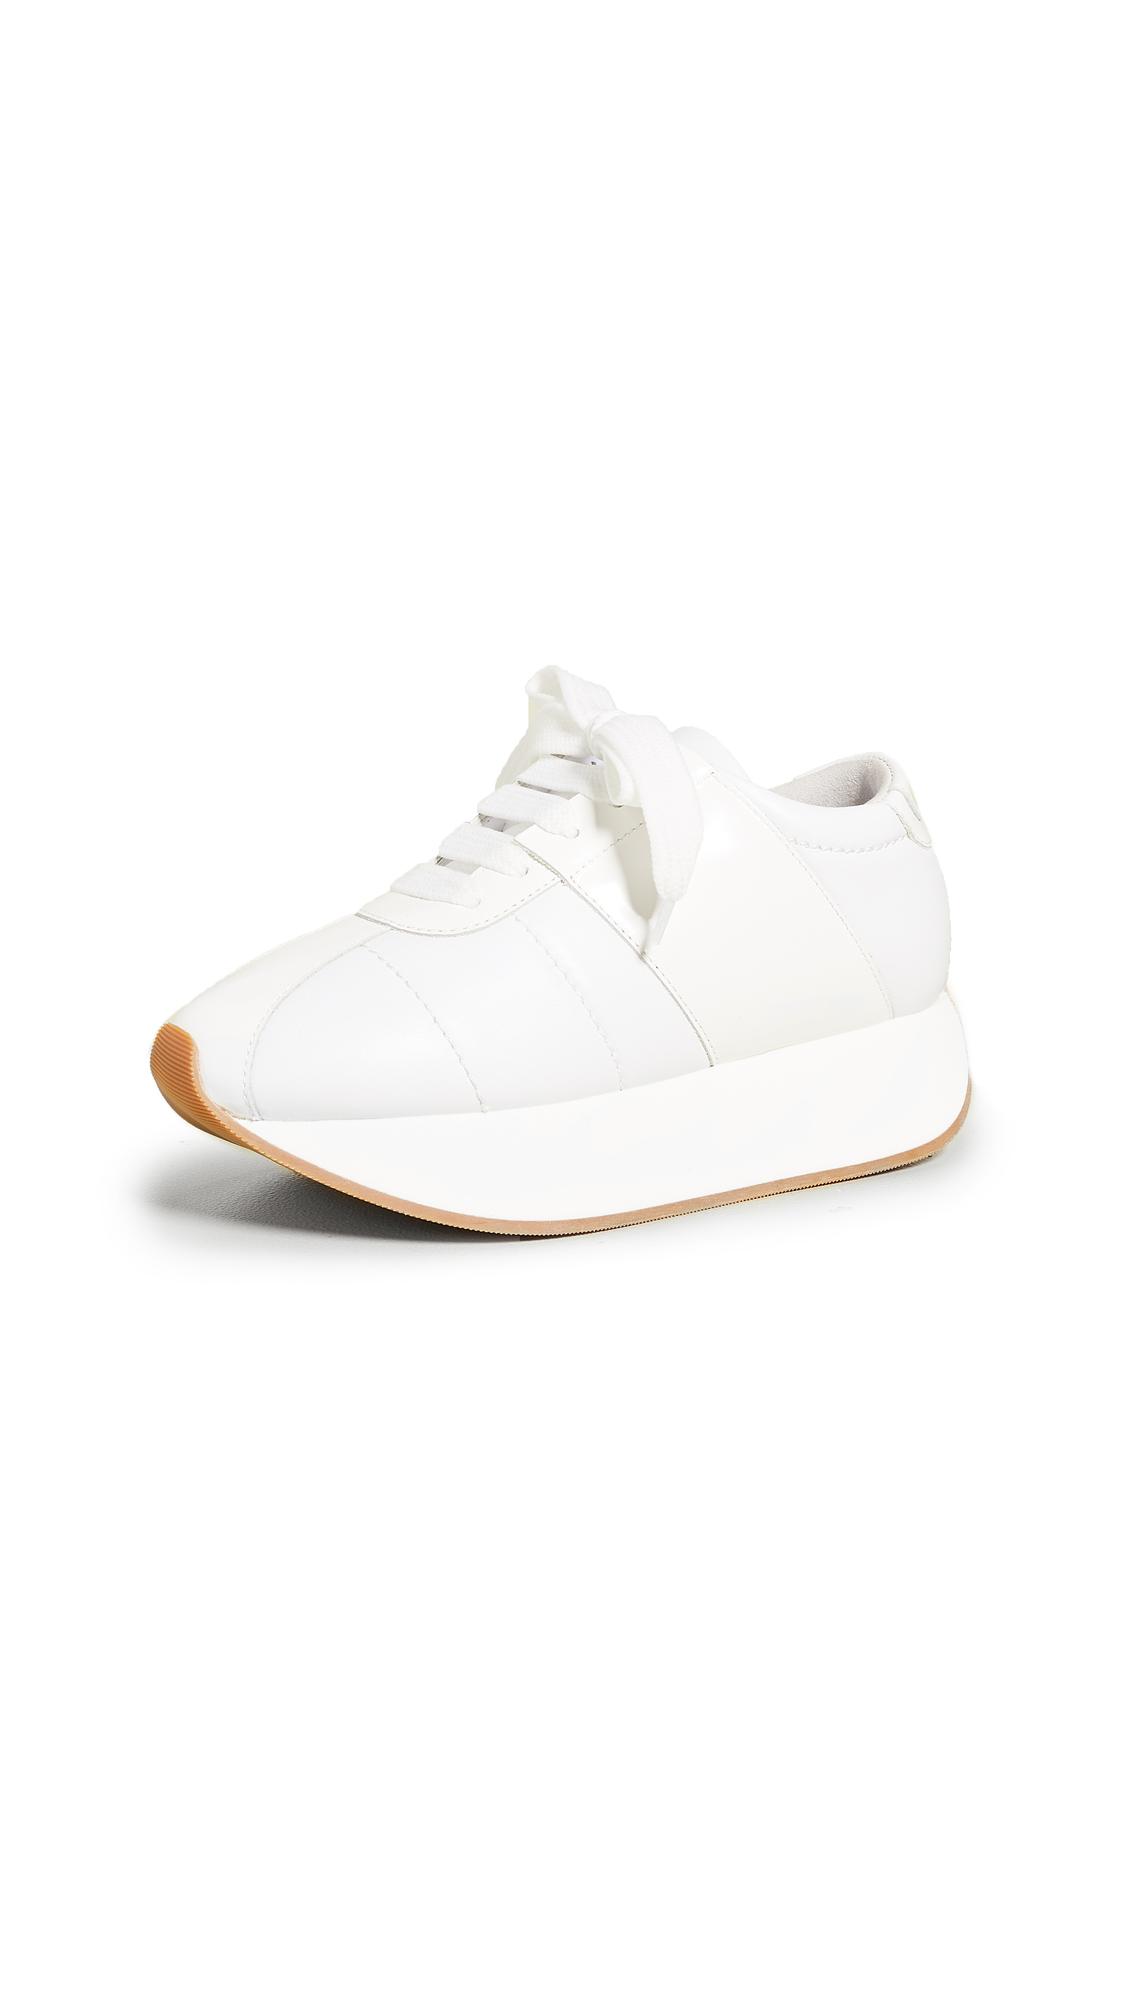 Marni Sneakers - White